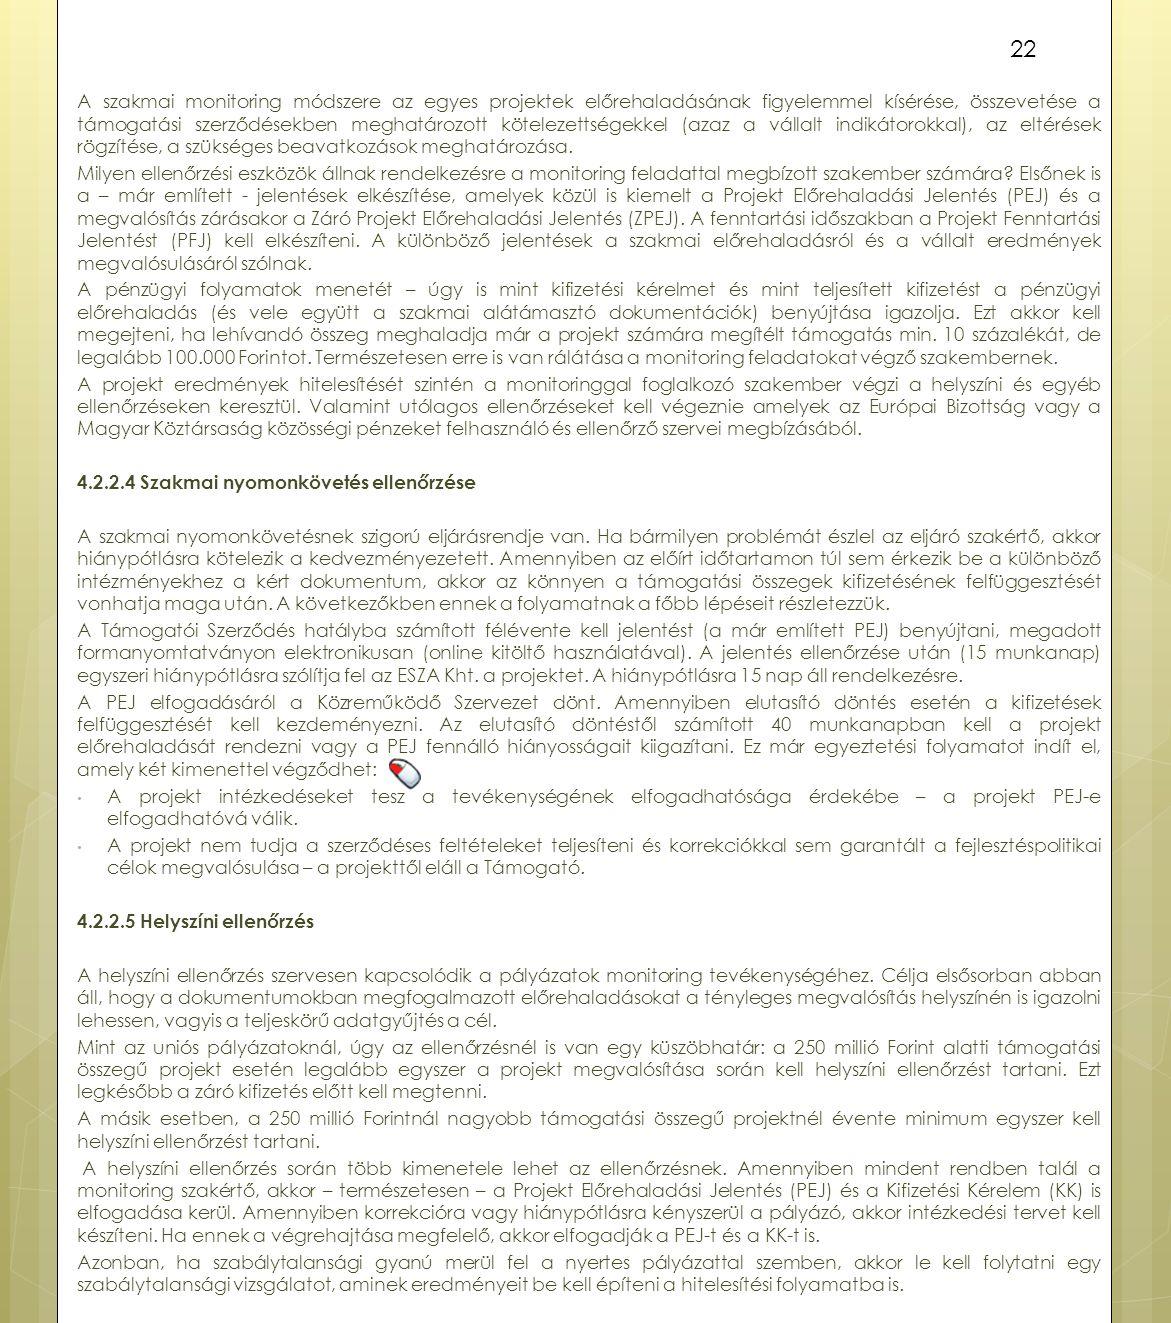 A szakmai monitoring módszere az egyes projektek előrehaladásának figyelemmel kísérése, összevetése a támogatási szerződésekben meghatározott köteleze